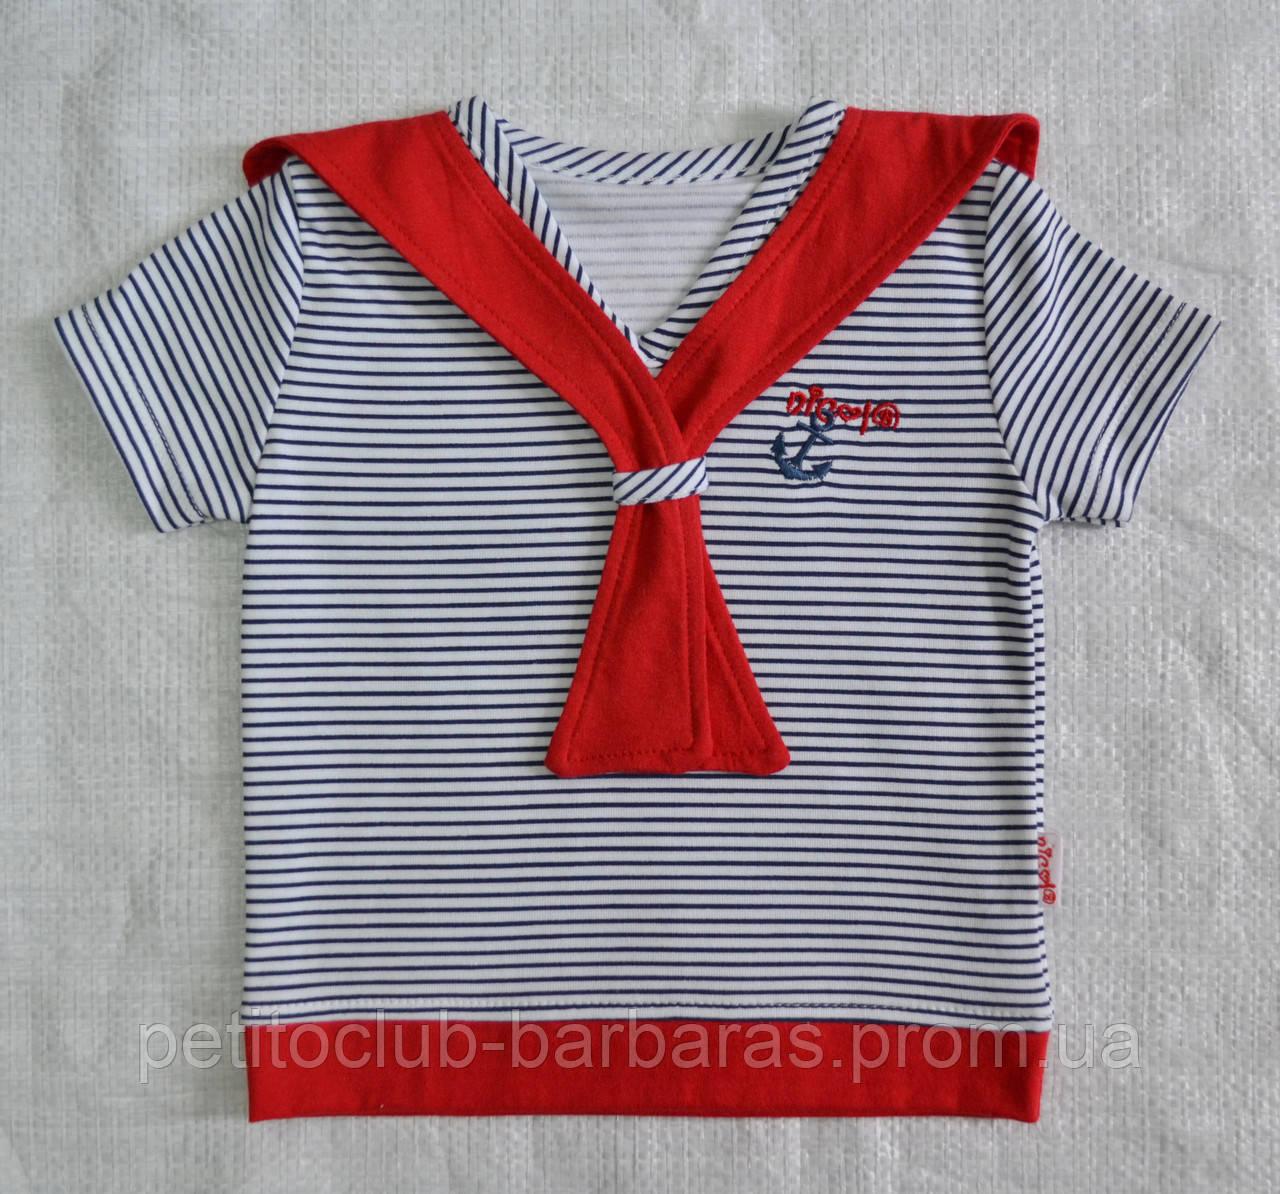 Детская хлопковая футболка Морячок (Nicol, Польша)